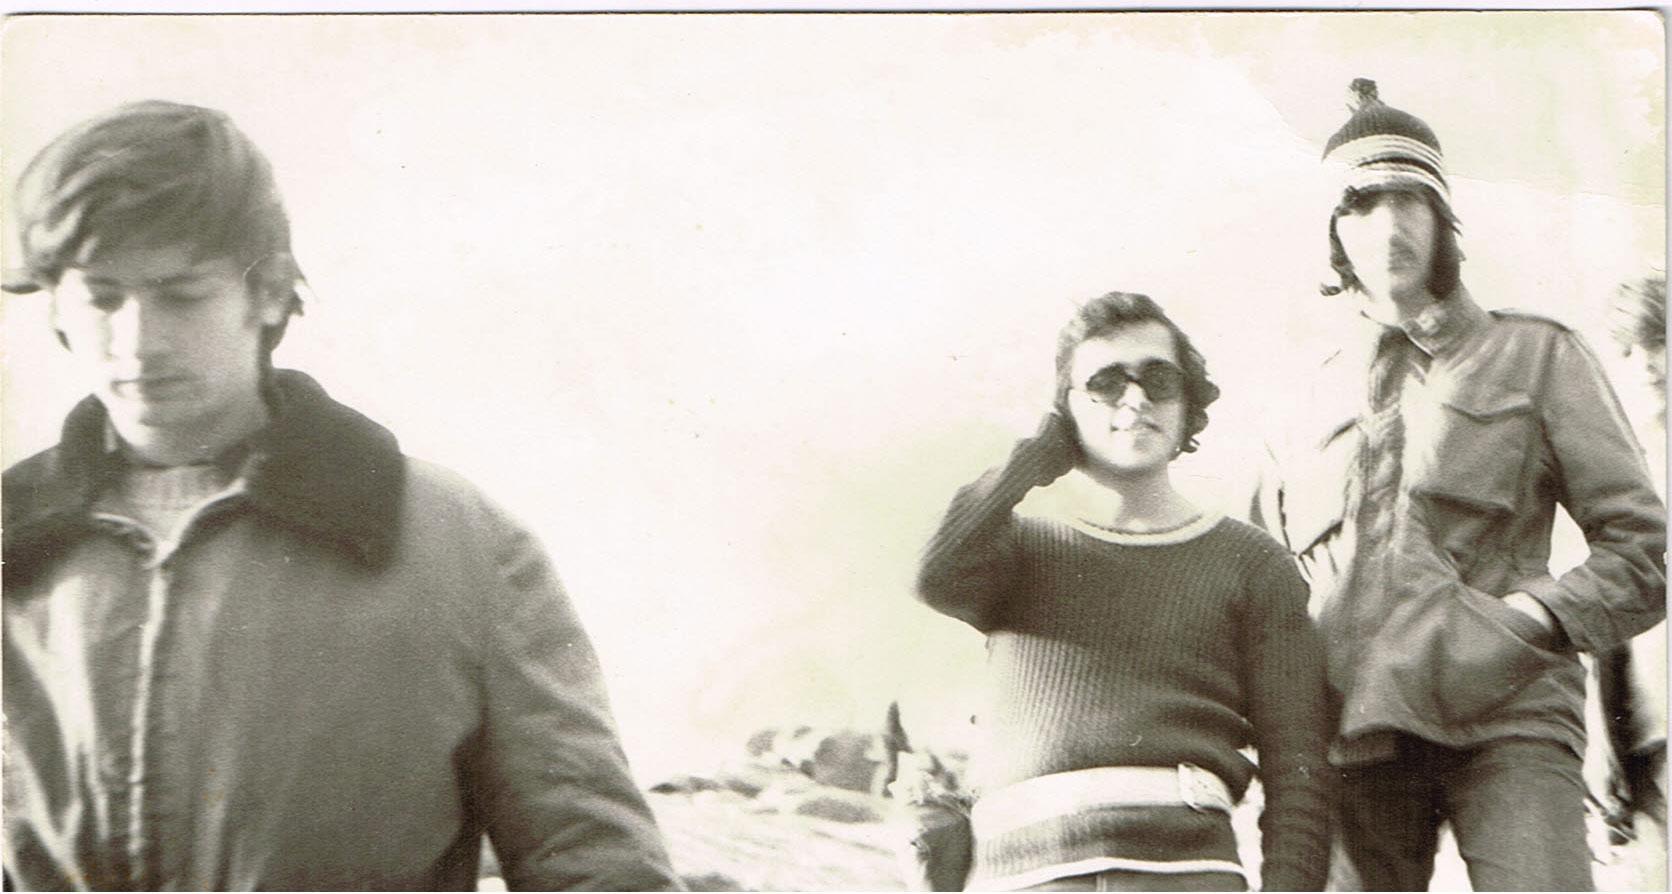 טיול לסנטה קטרינה 2-4-1974 יצחק מרקו משמאל מימין עלי עיסאם